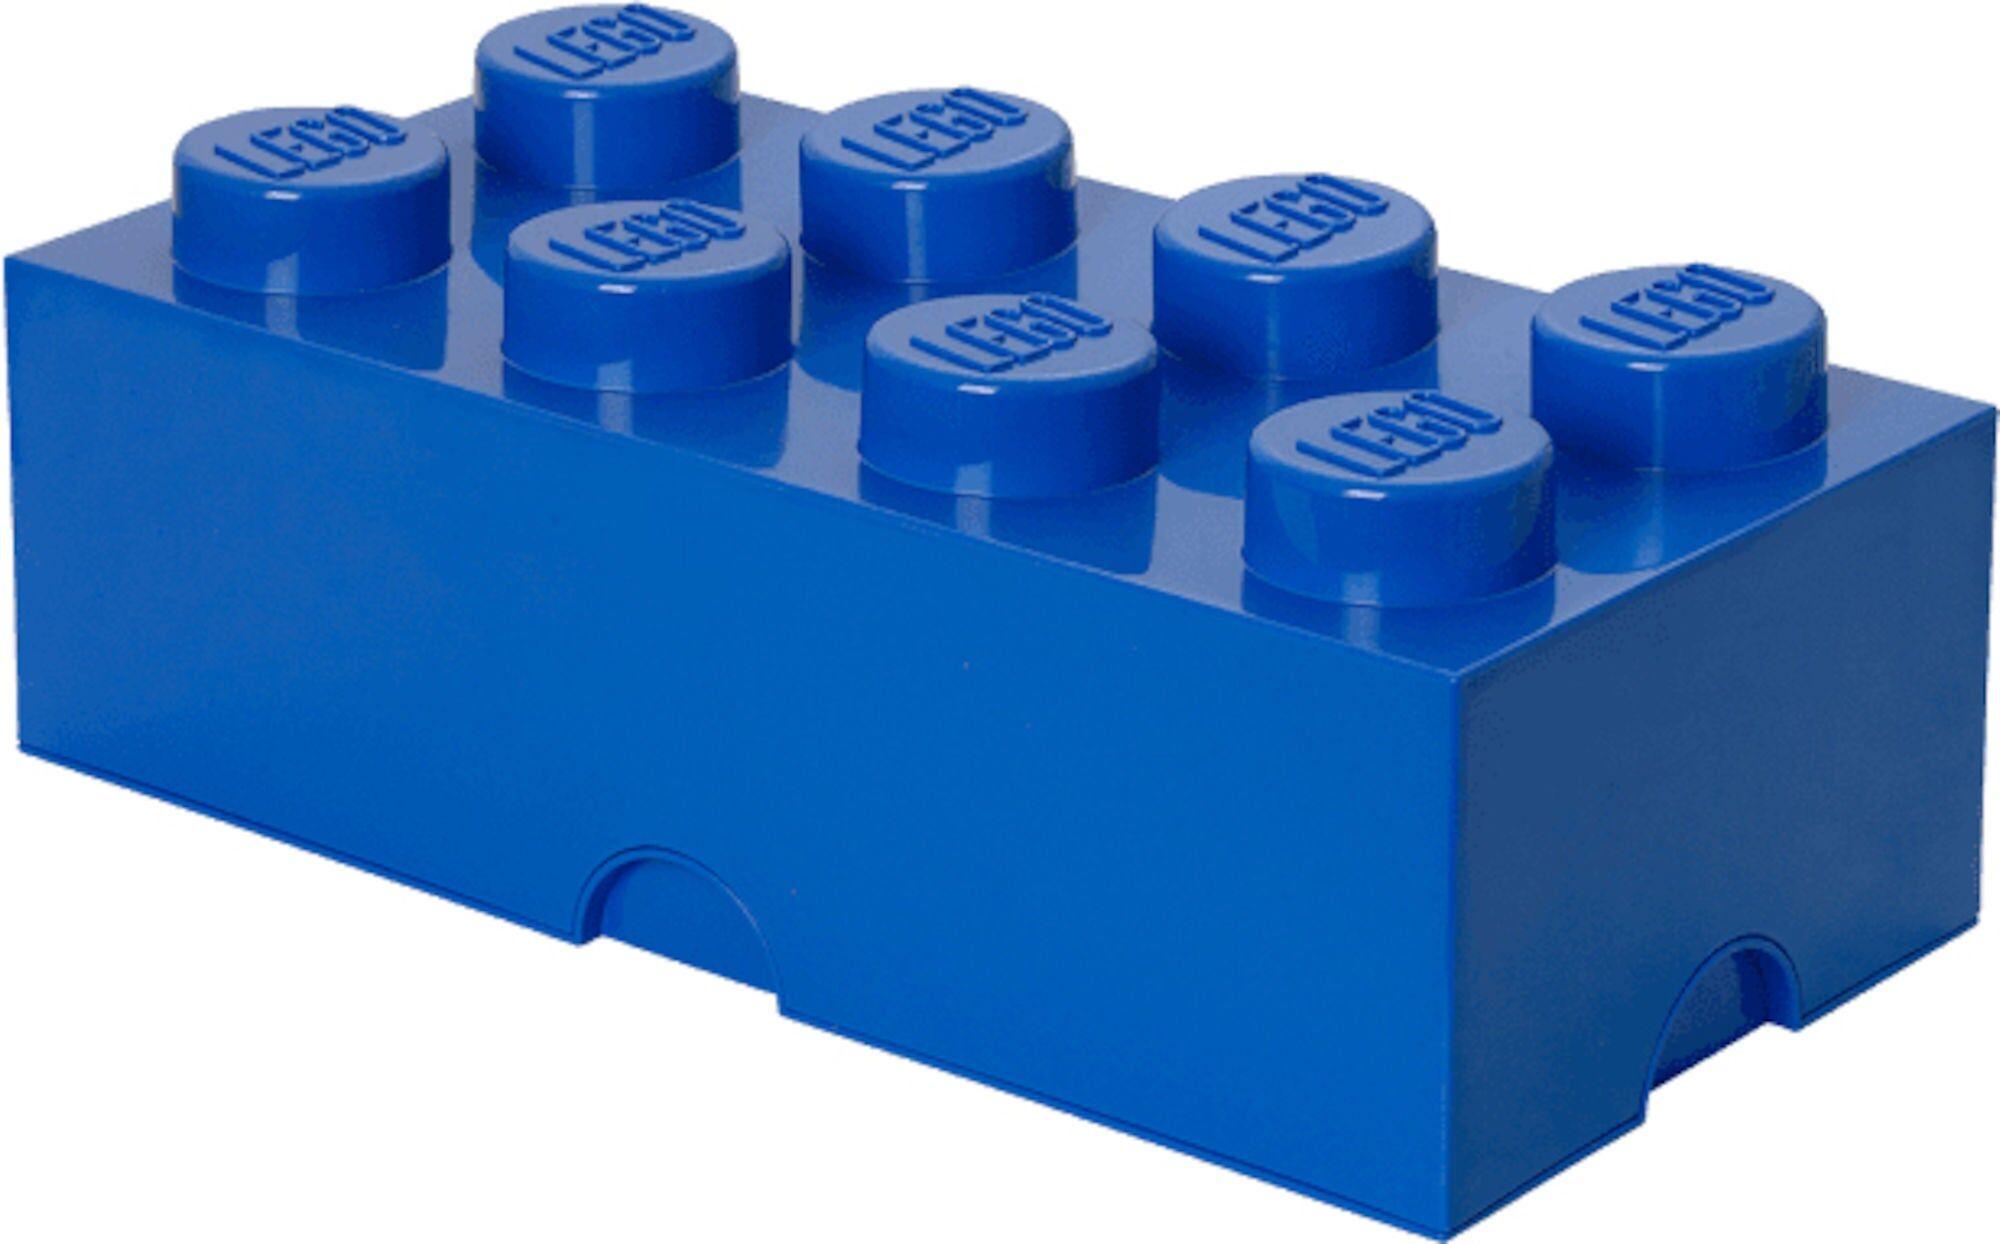 Lego Oppbevaring 8 Blå